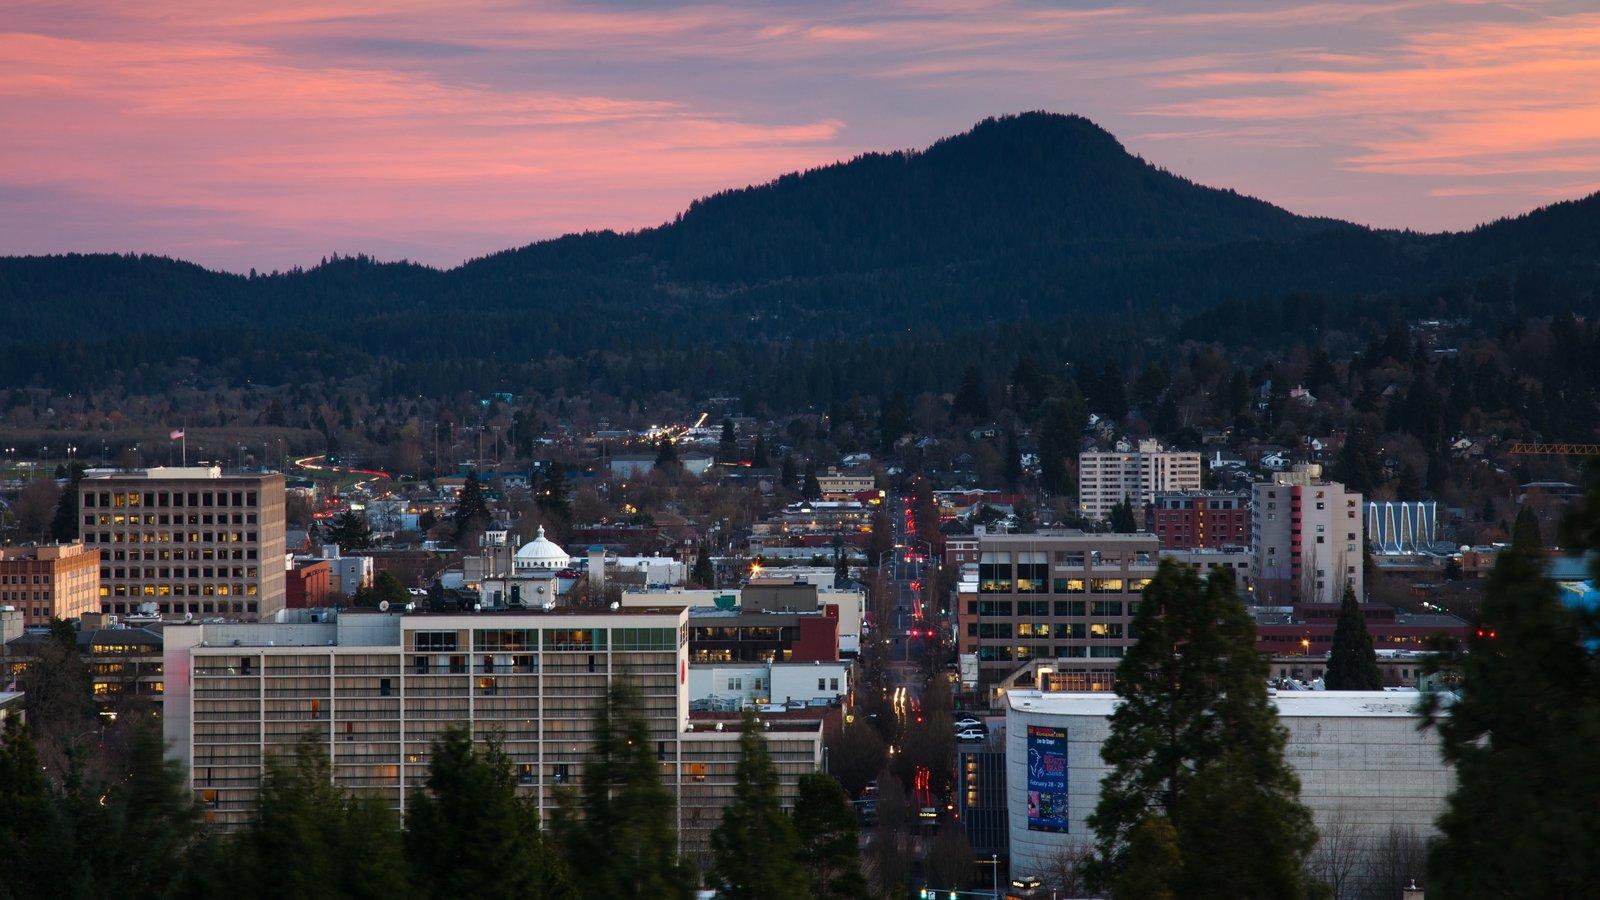 Eugene que incluye una ciudad, montañas y una puesta de sol